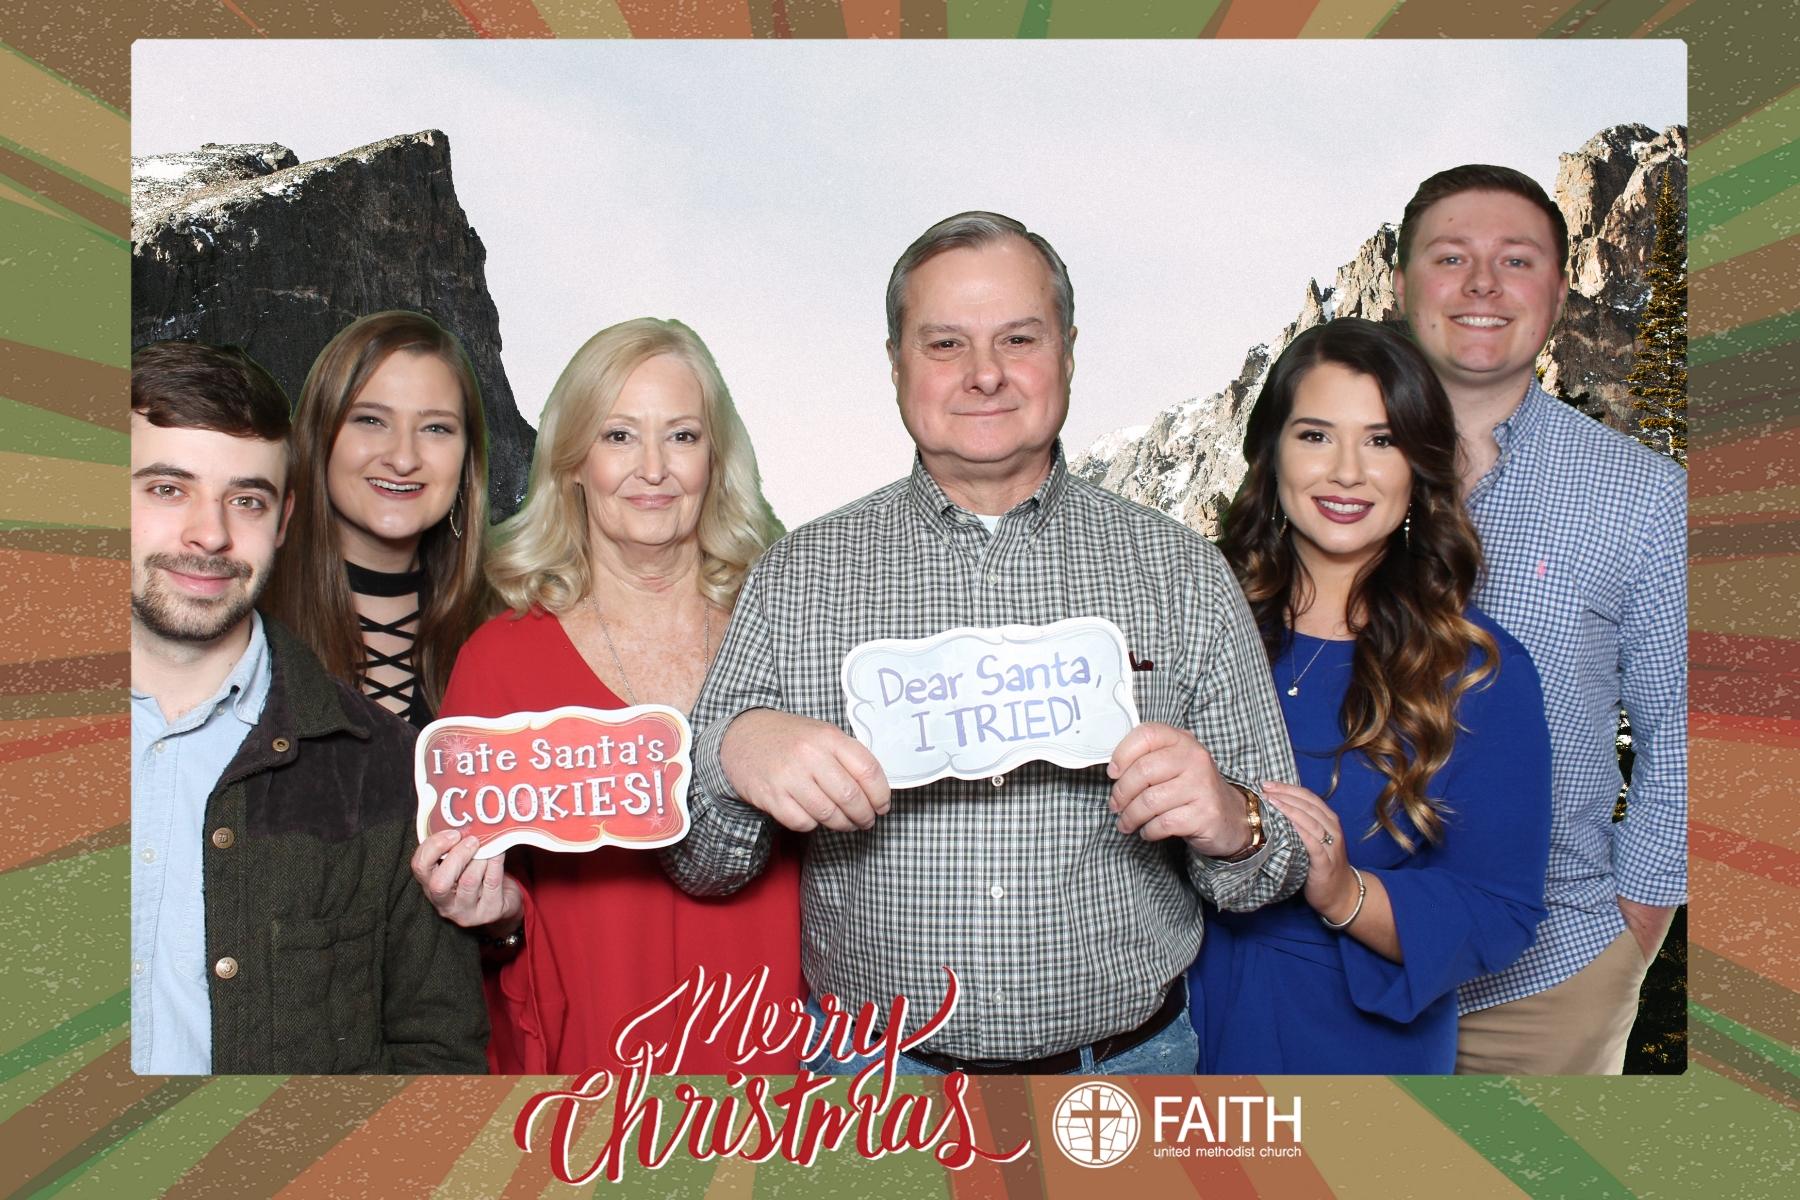 Faith2018_2018-12-24_17-28-59.jpg